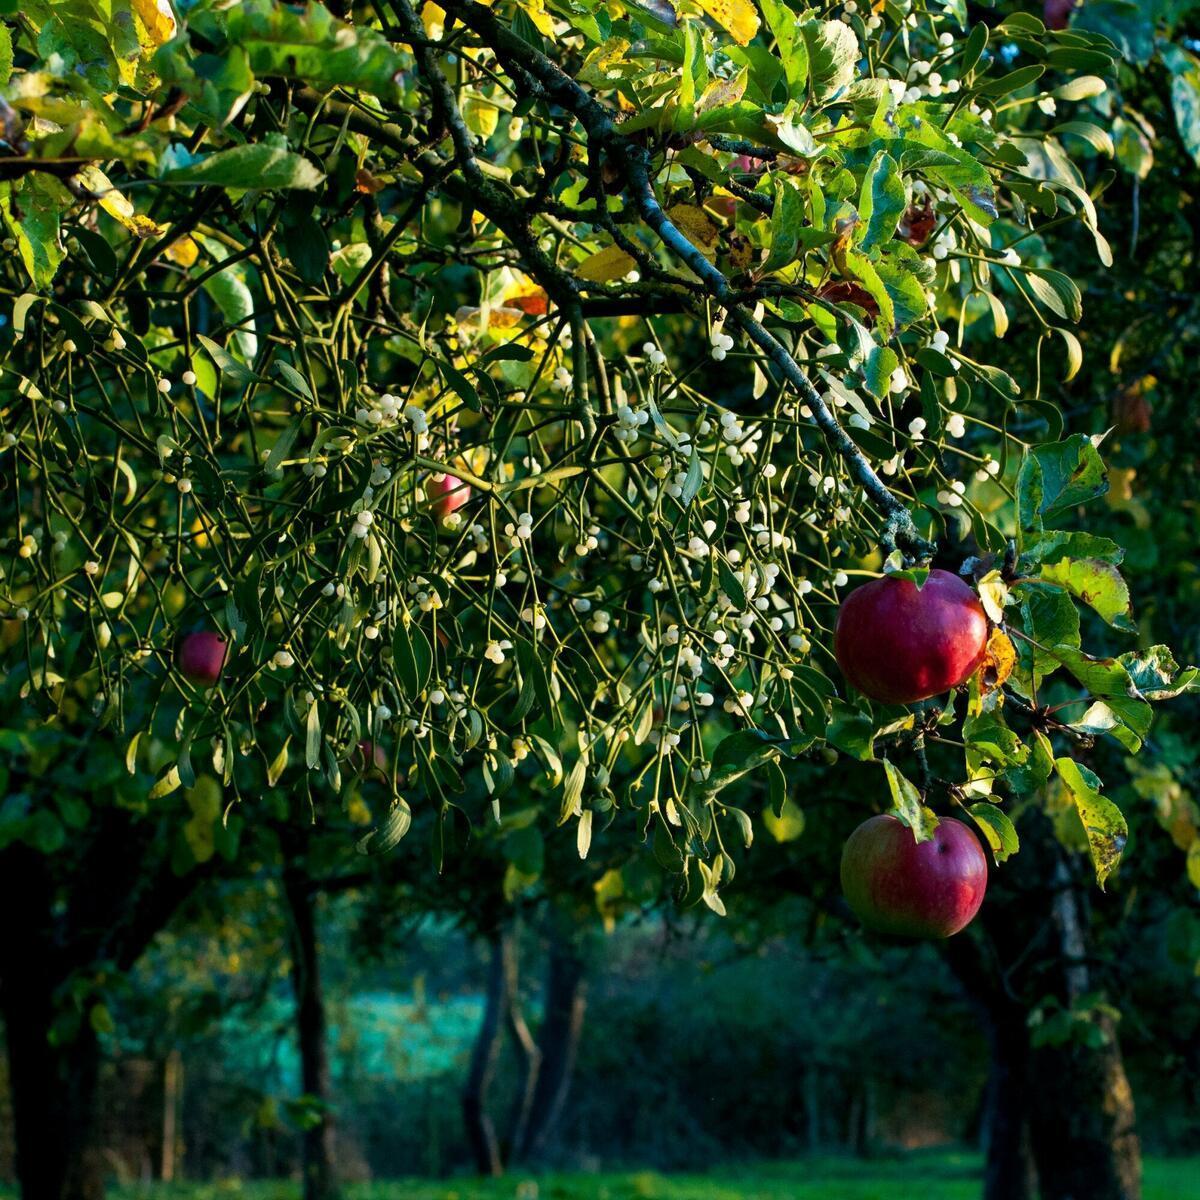 Cider apples and mistletoe